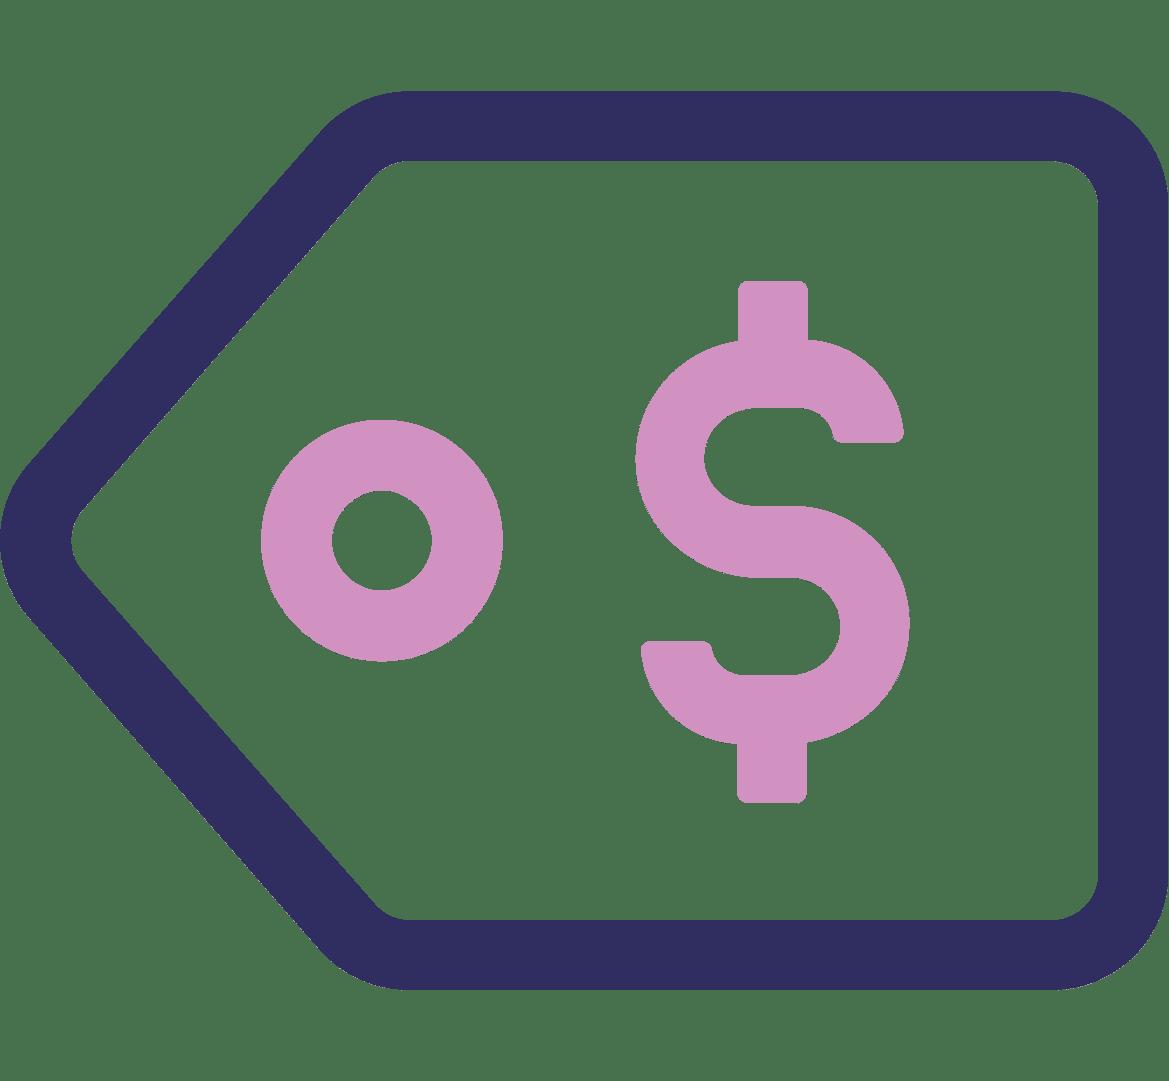 basaful izdevīgākā cenas un kvalitātes attiecība